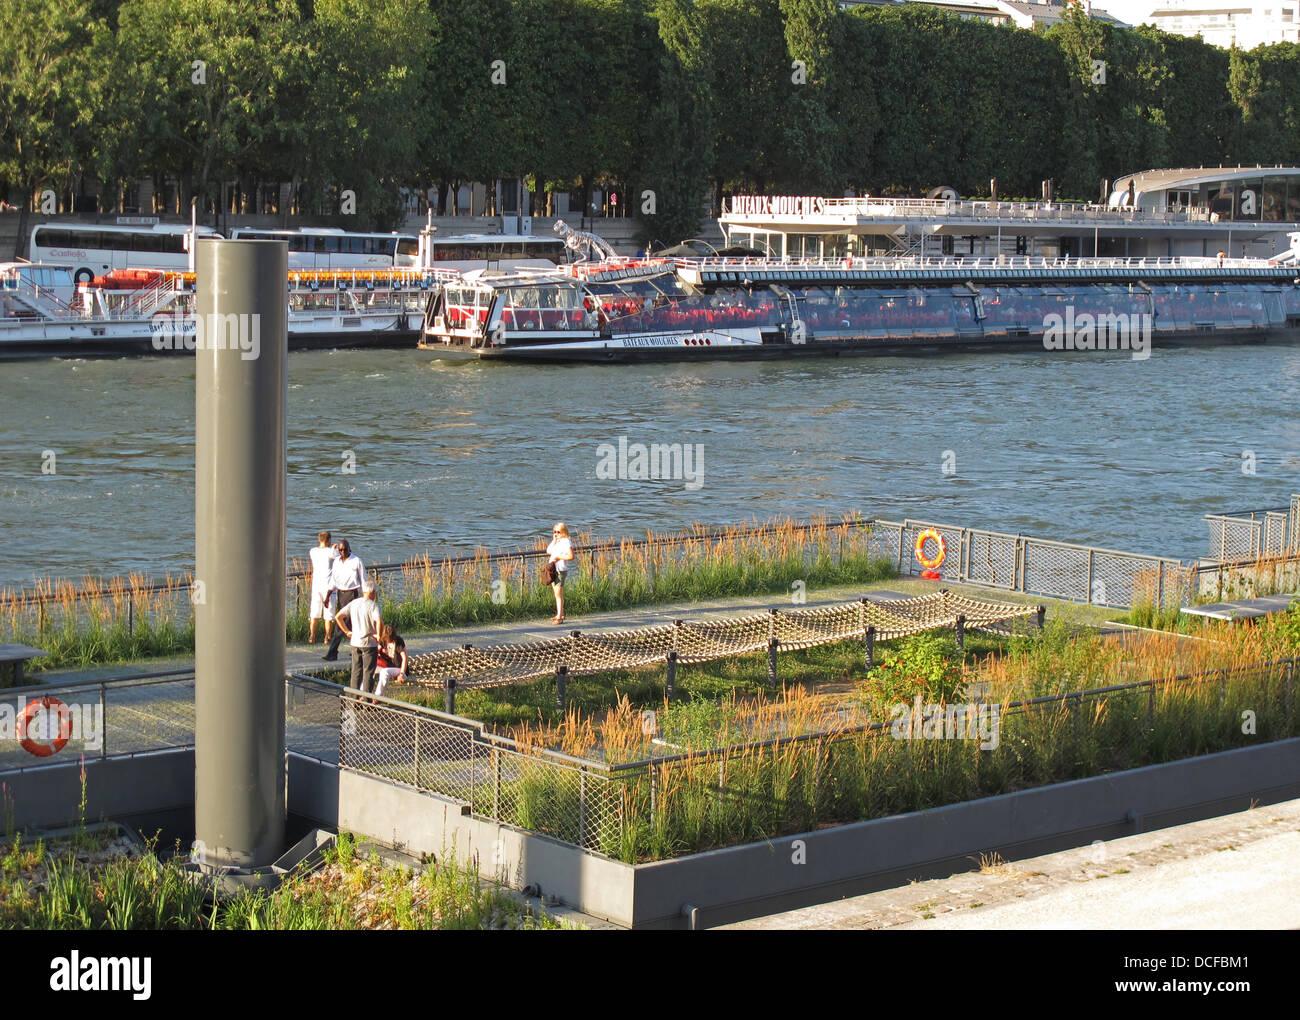 Les Berges,the new Seine river,the Archipelago floating garden,quai d'Orsay,Paris,left bank,France Stock Photo